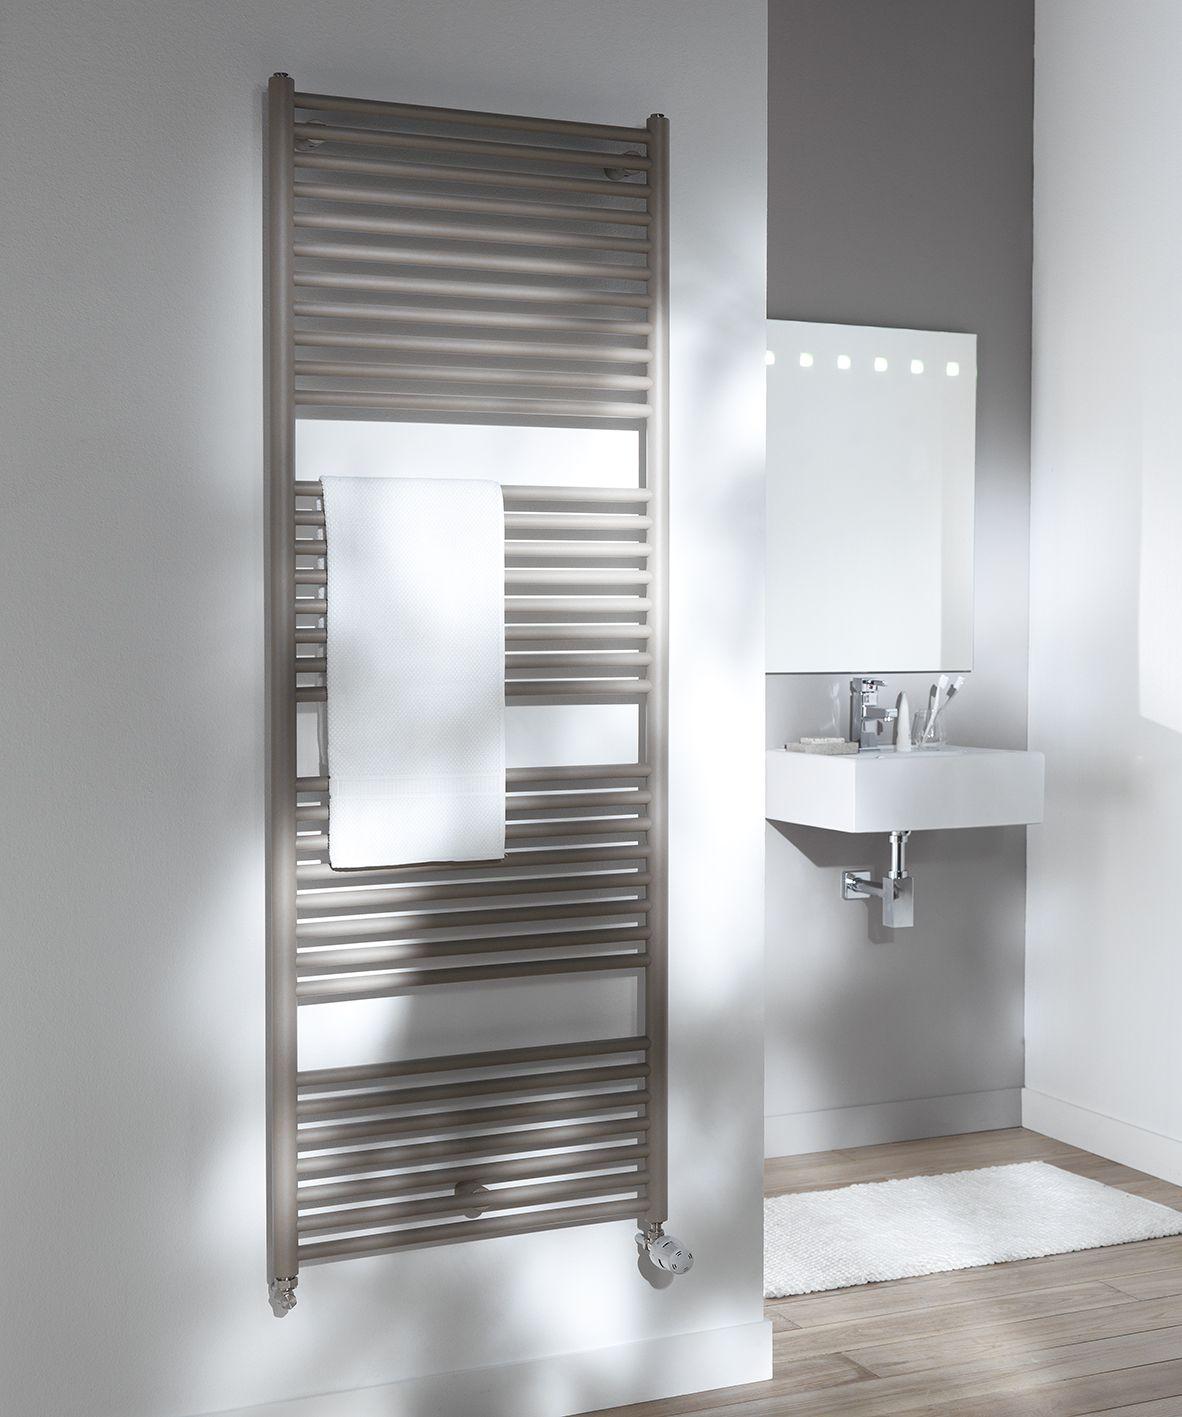 Praxis | Bekijk verwarming voor jouw badkamer | Badkamer ...